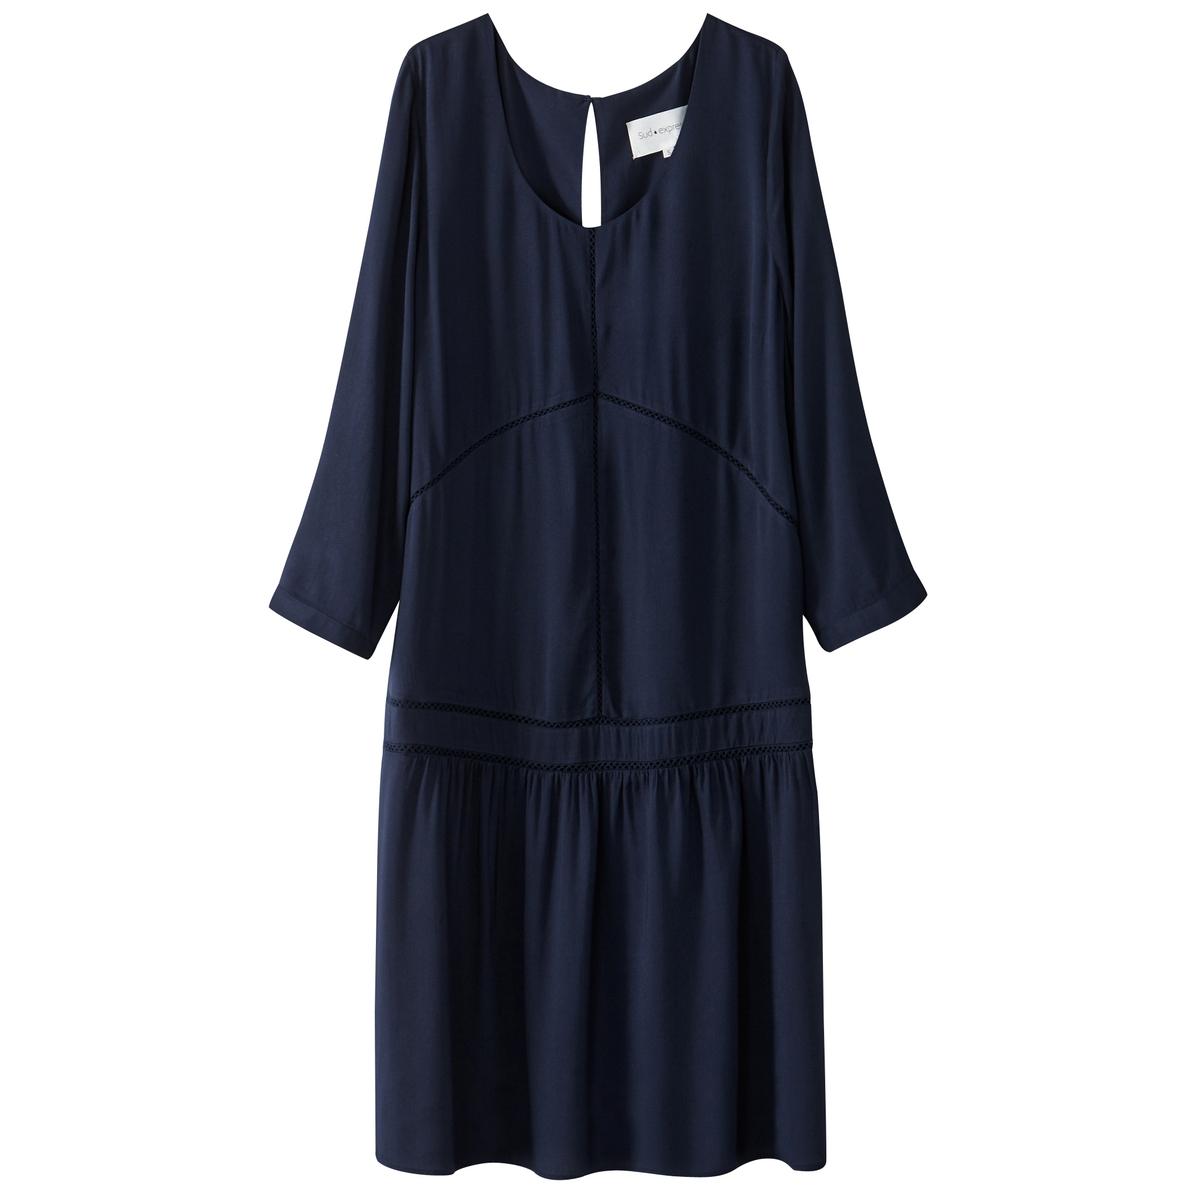 Платье однотонное расклешенного покроя, длина миди, 3/4Детали •  Форма : расклешенная •  Длина миди, 3/4 •  Рукава 3/4    •  Круглый вырезСостав и уход •  100% вискоза •  Следуйте советам по уходу, указанным на этикетке<br><br>Цвет: темно-синий<br>Размер: S